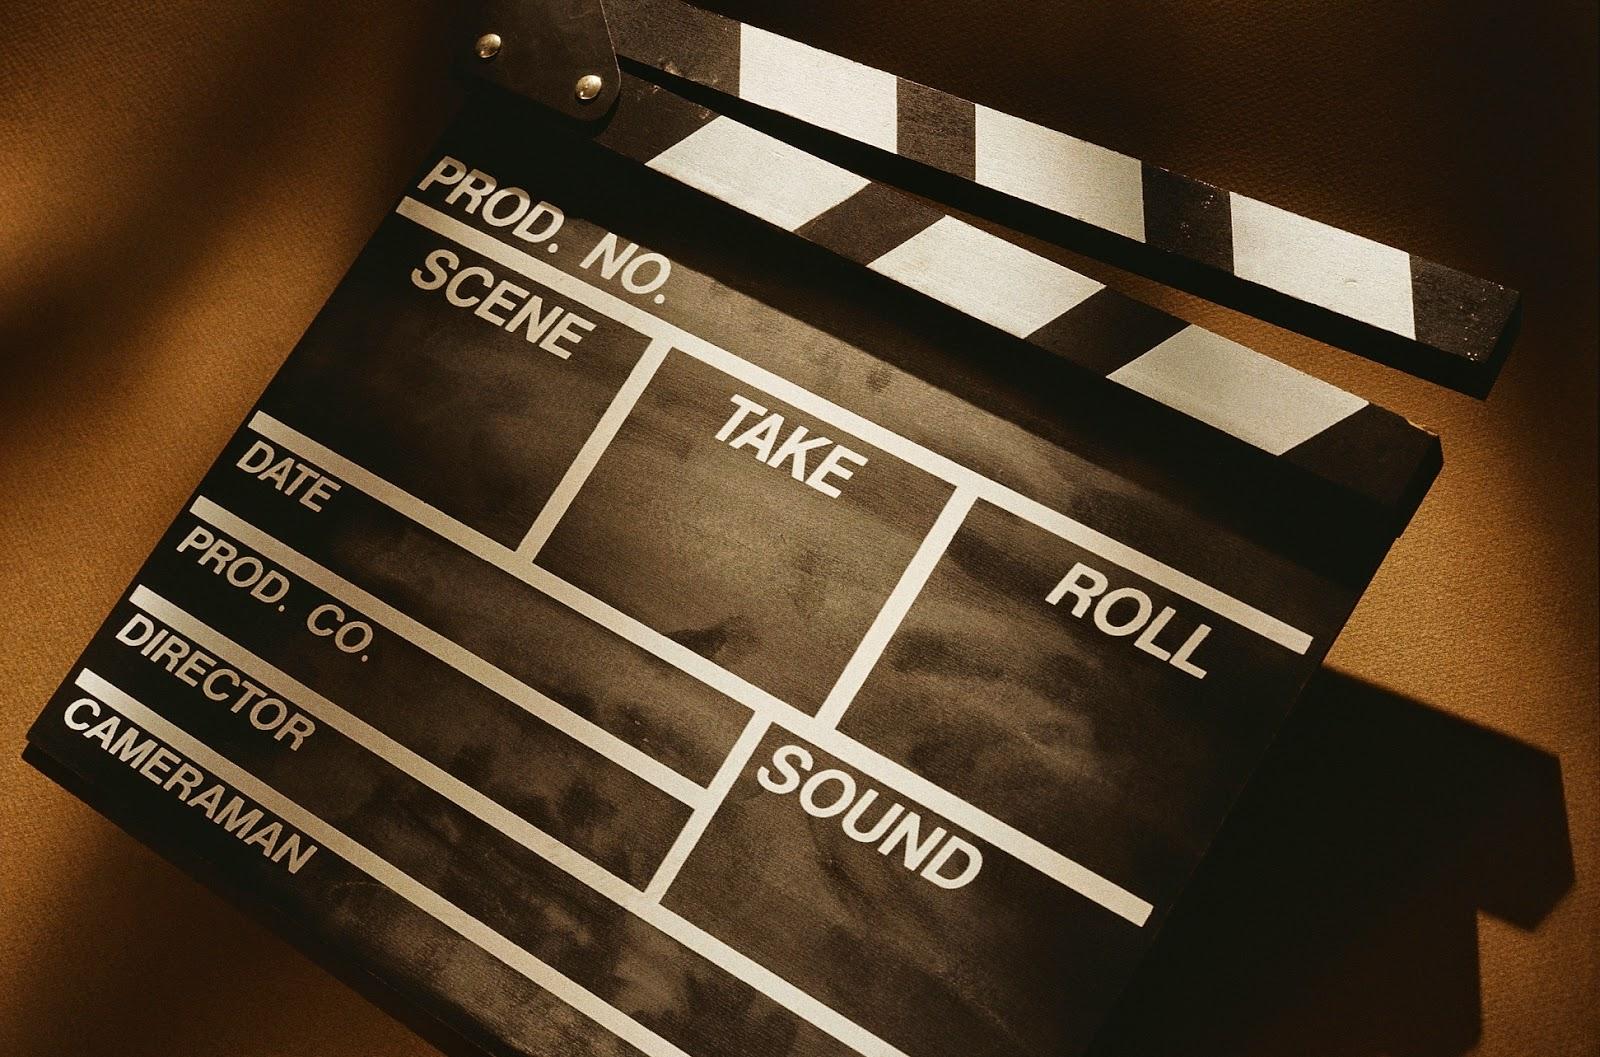 allah-beni-boyle-yaratmis-film-watch-cinema-sinema-izlemek